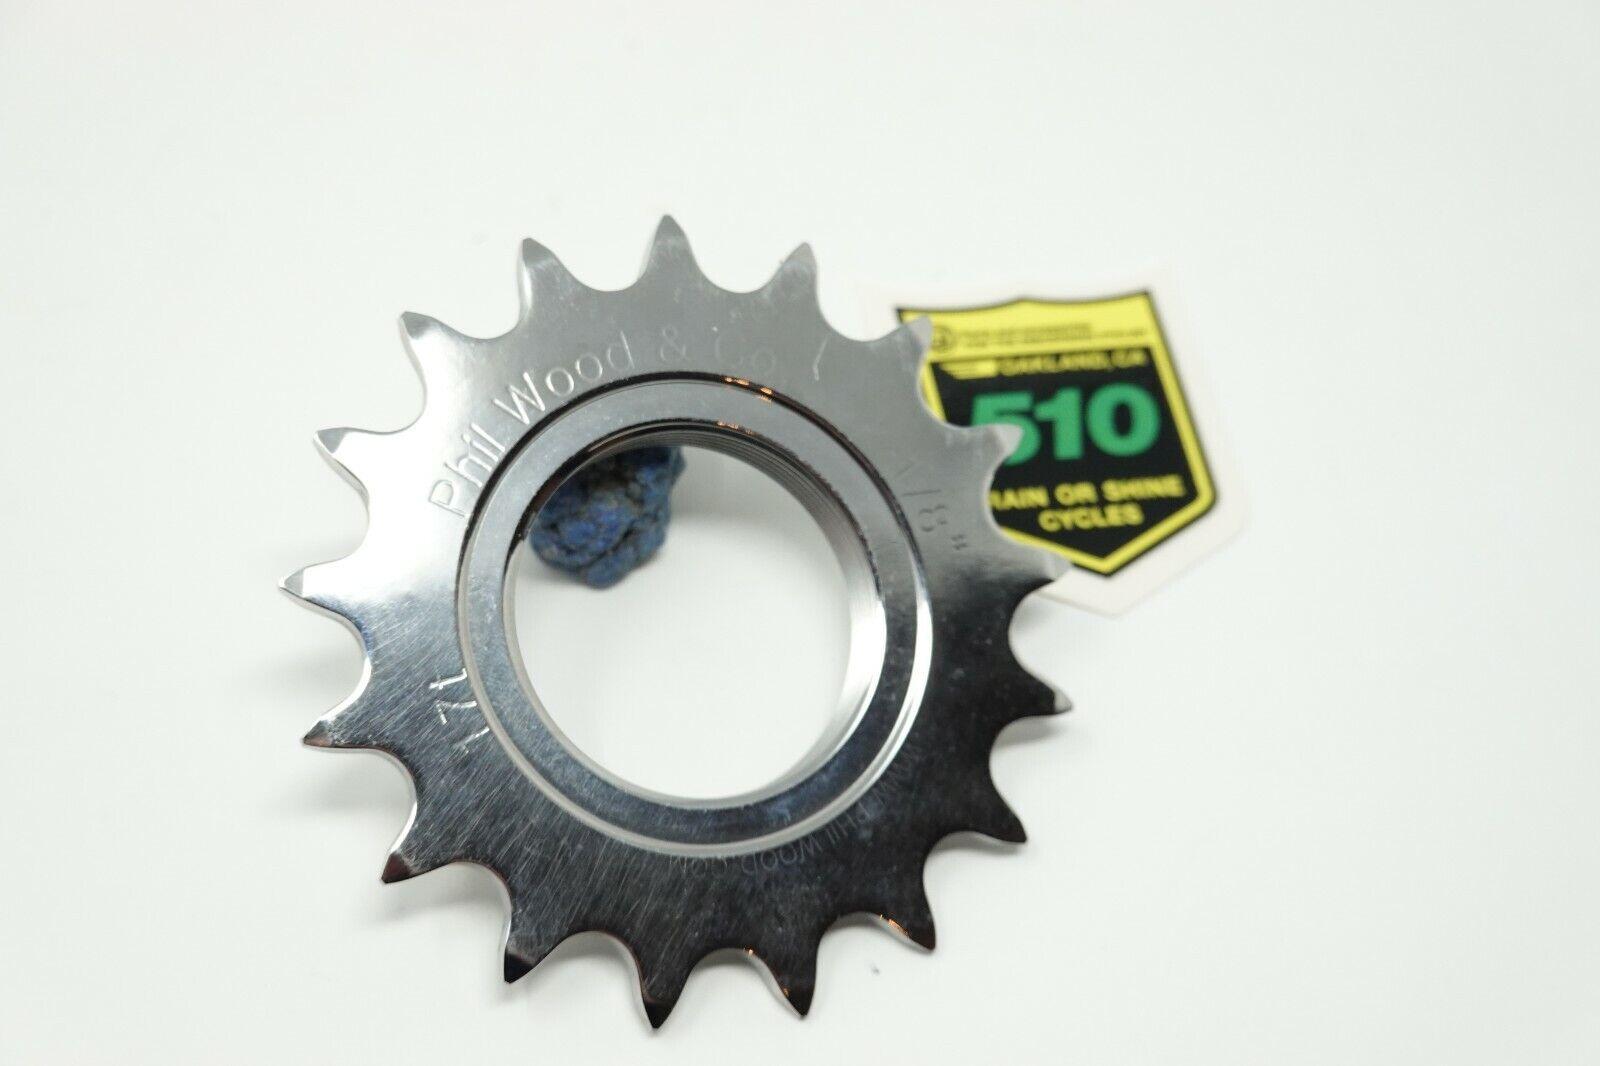 Phil Wood 17t 18 cog 17 fixed gear track nuovo fatto in USA